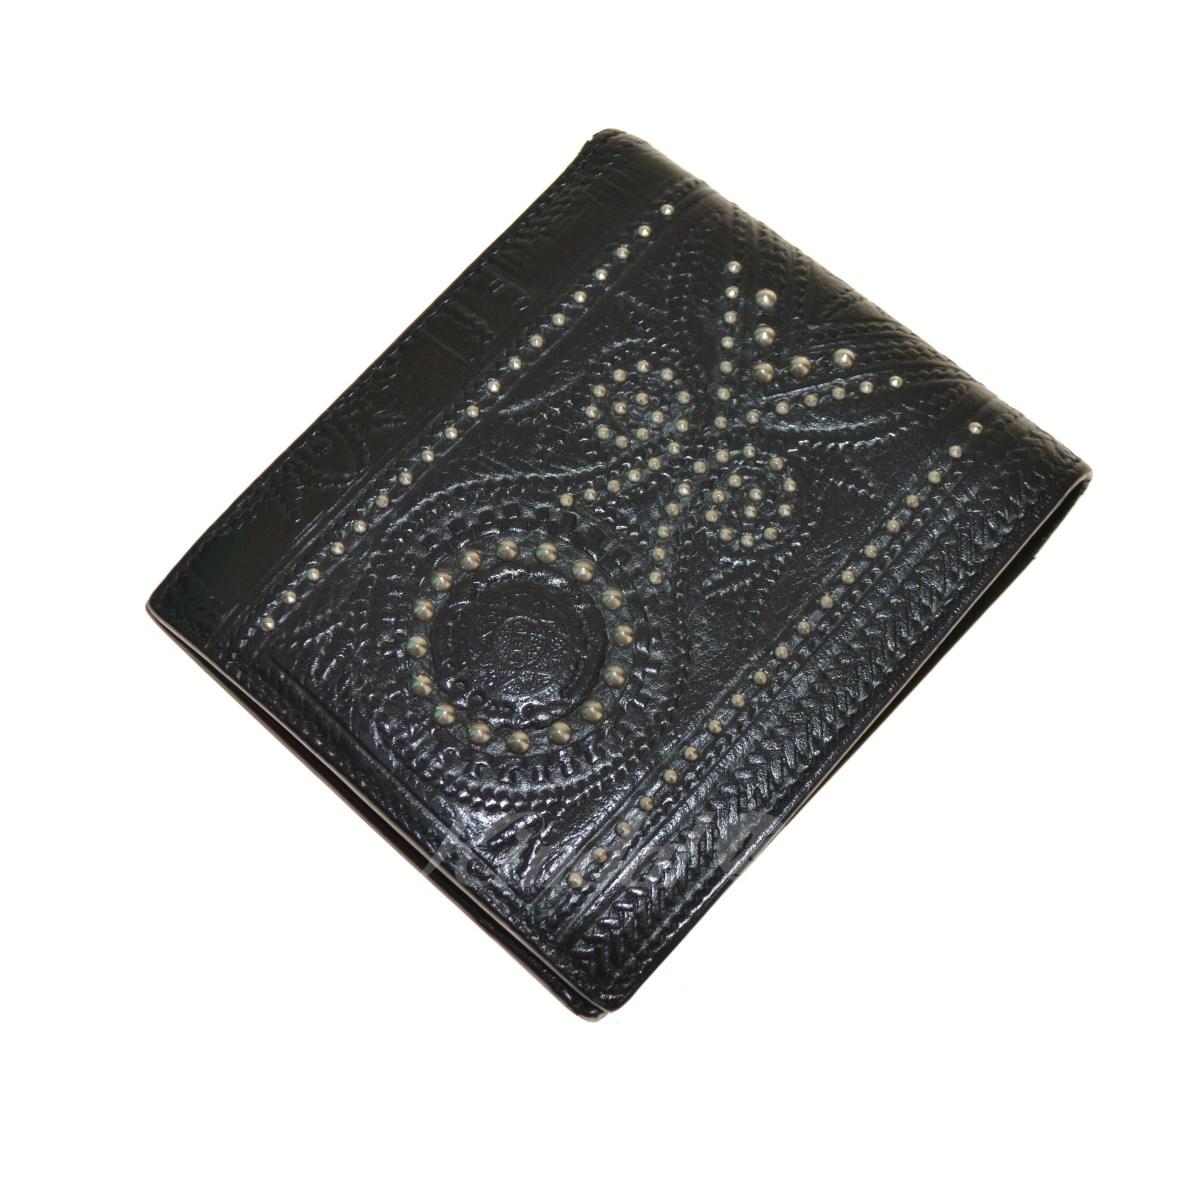 【中古】SAINT LAURENT PARIS スタッズ装飾 2つ折り財布 【送料無料】 【090292】 【KIND1550】